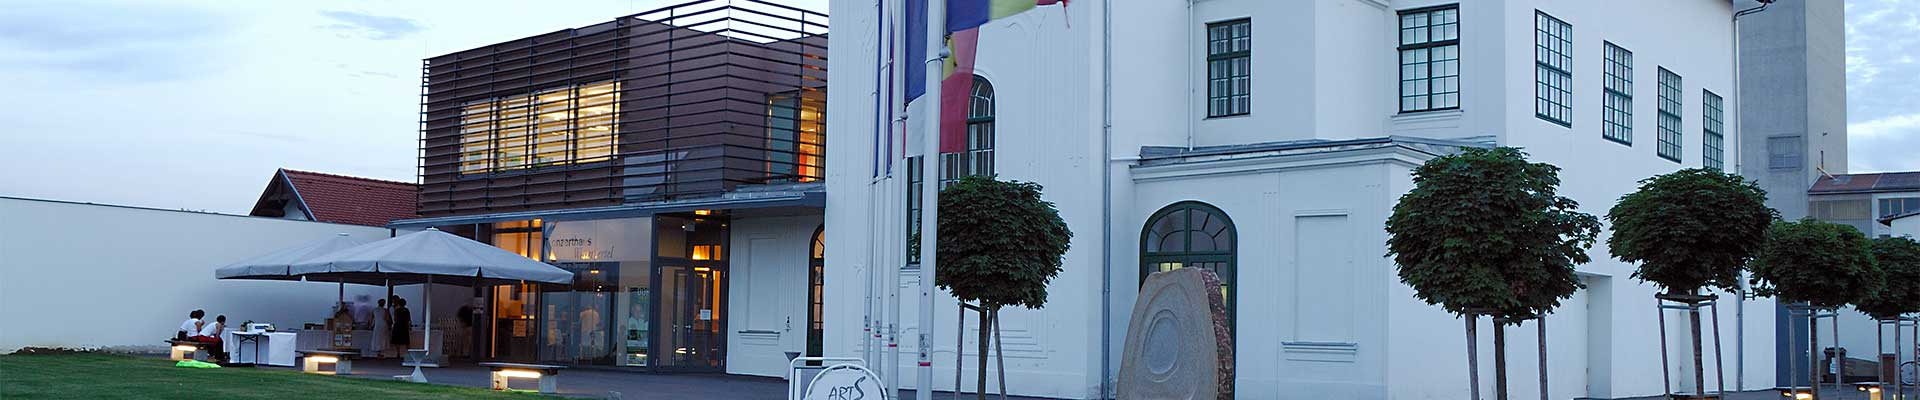 Das Konzerthaus Weinviertel - Schmidatal